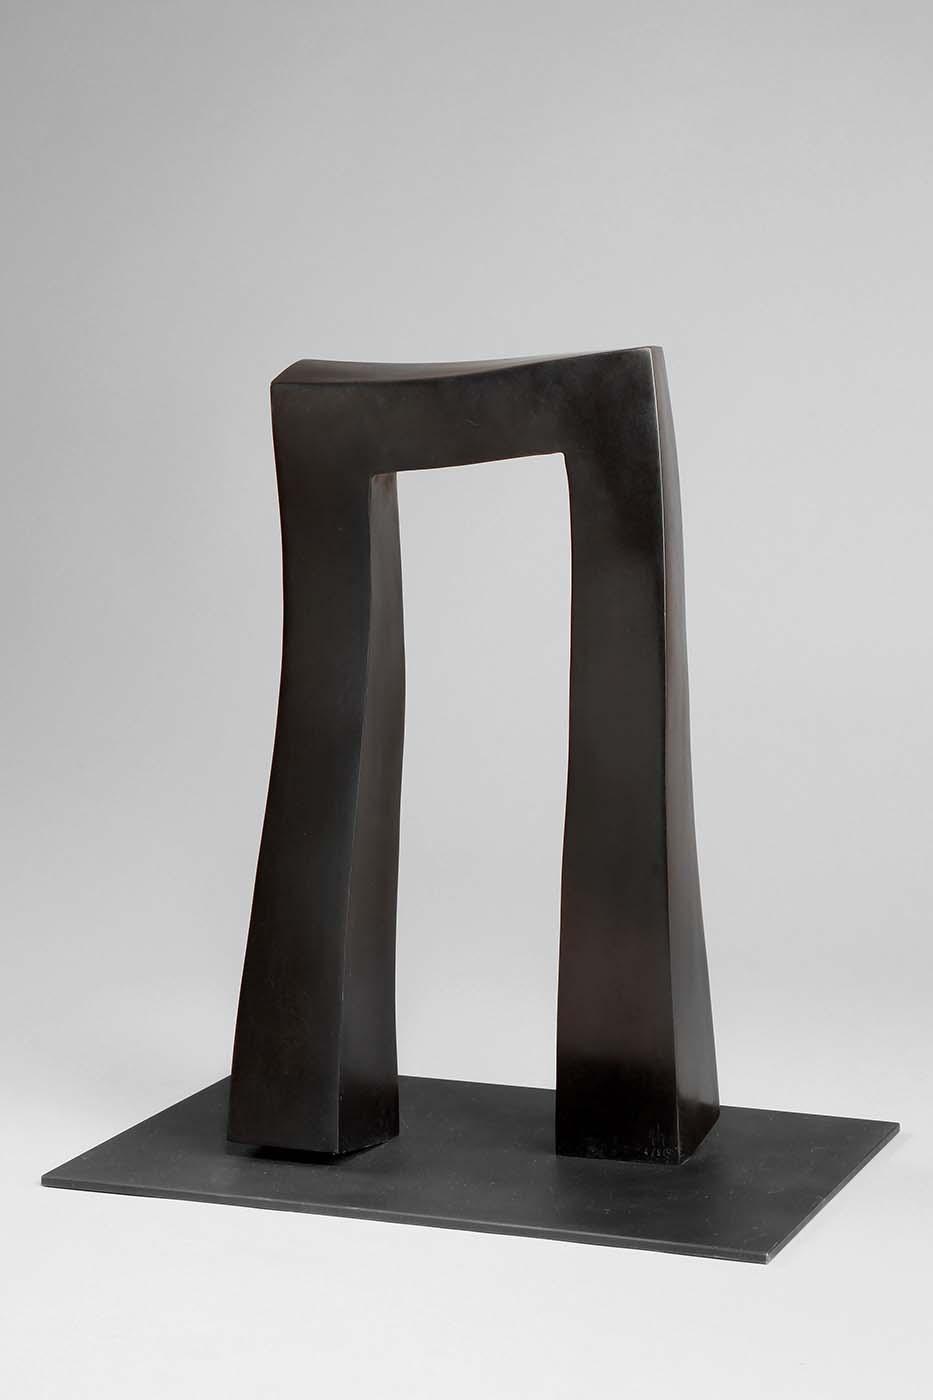 Lauf der Zeit, 2008, Bronze, 40 x 23 x 12cm (01)